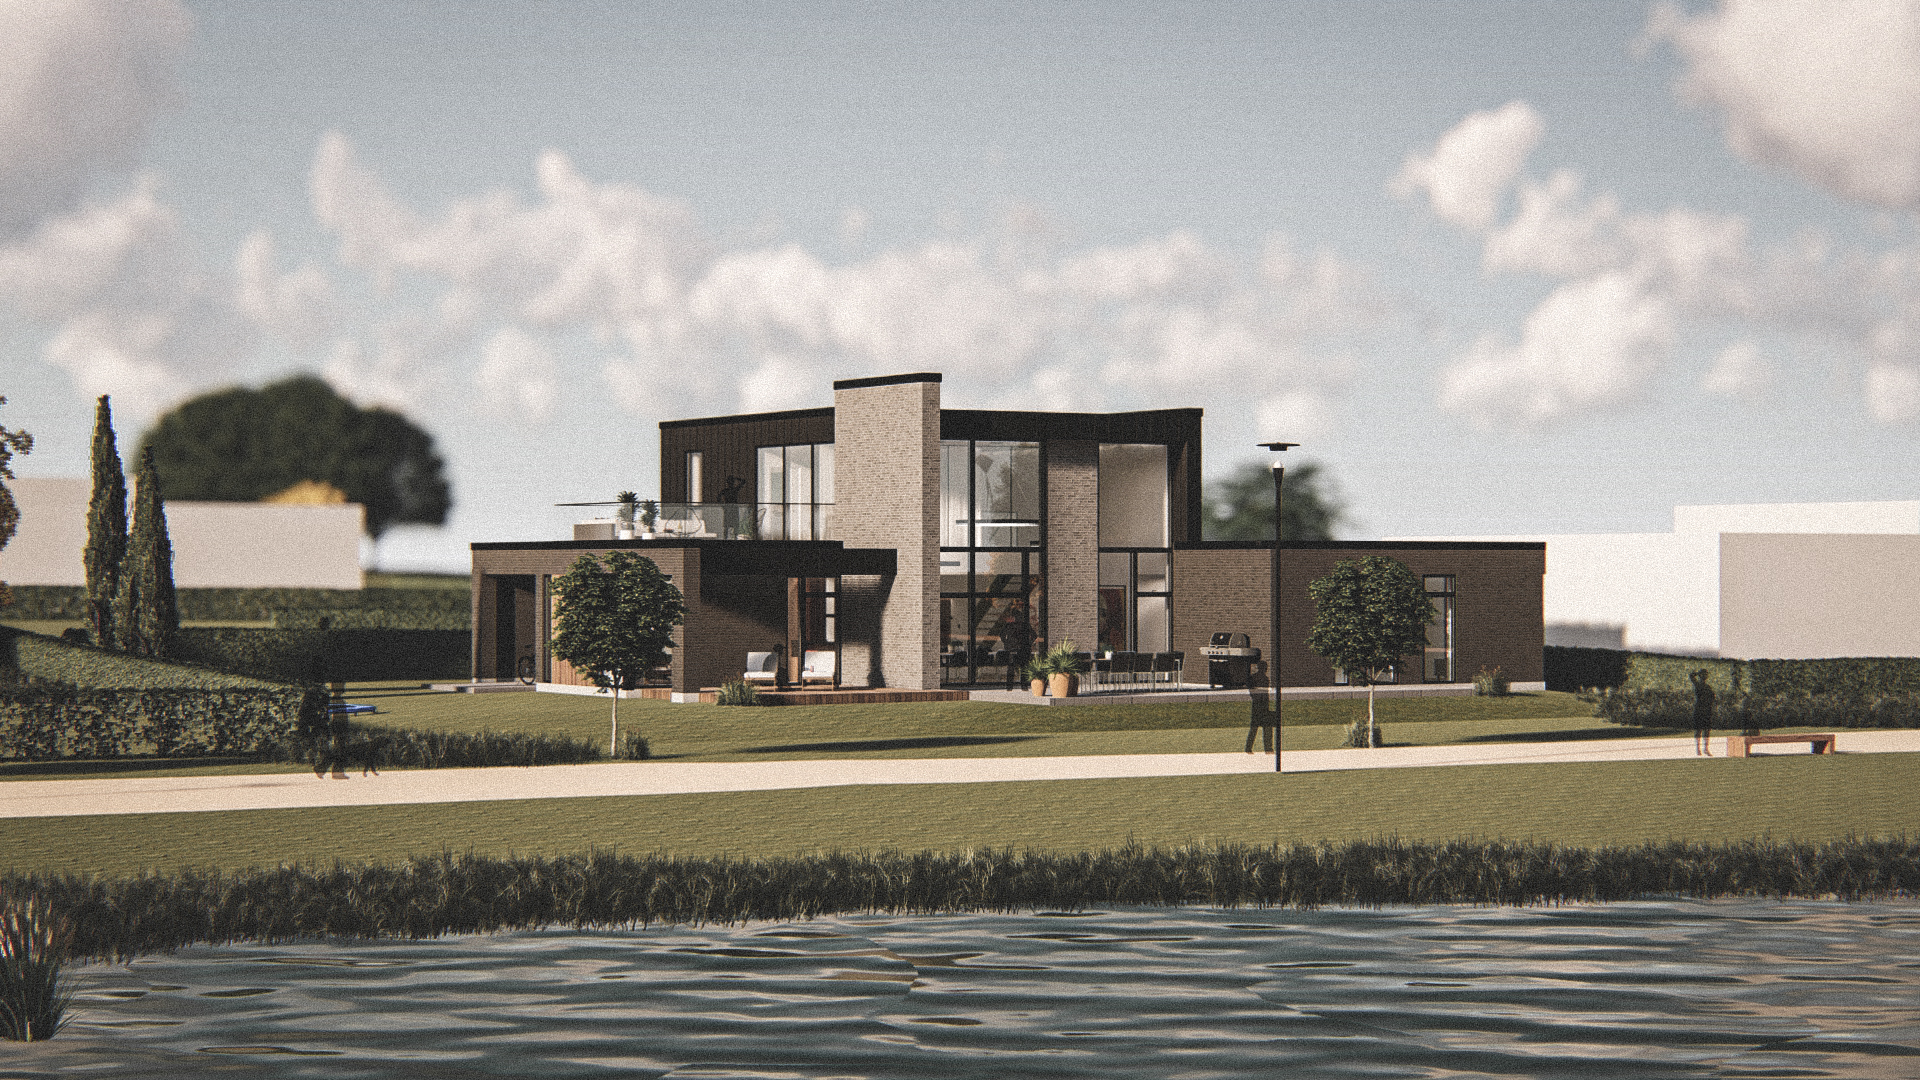 Billede af Dansk arkitekttegnet 2 plan villa af arkitektfirmaet m2plus, i Holstebro på 265 kvartratmeter.